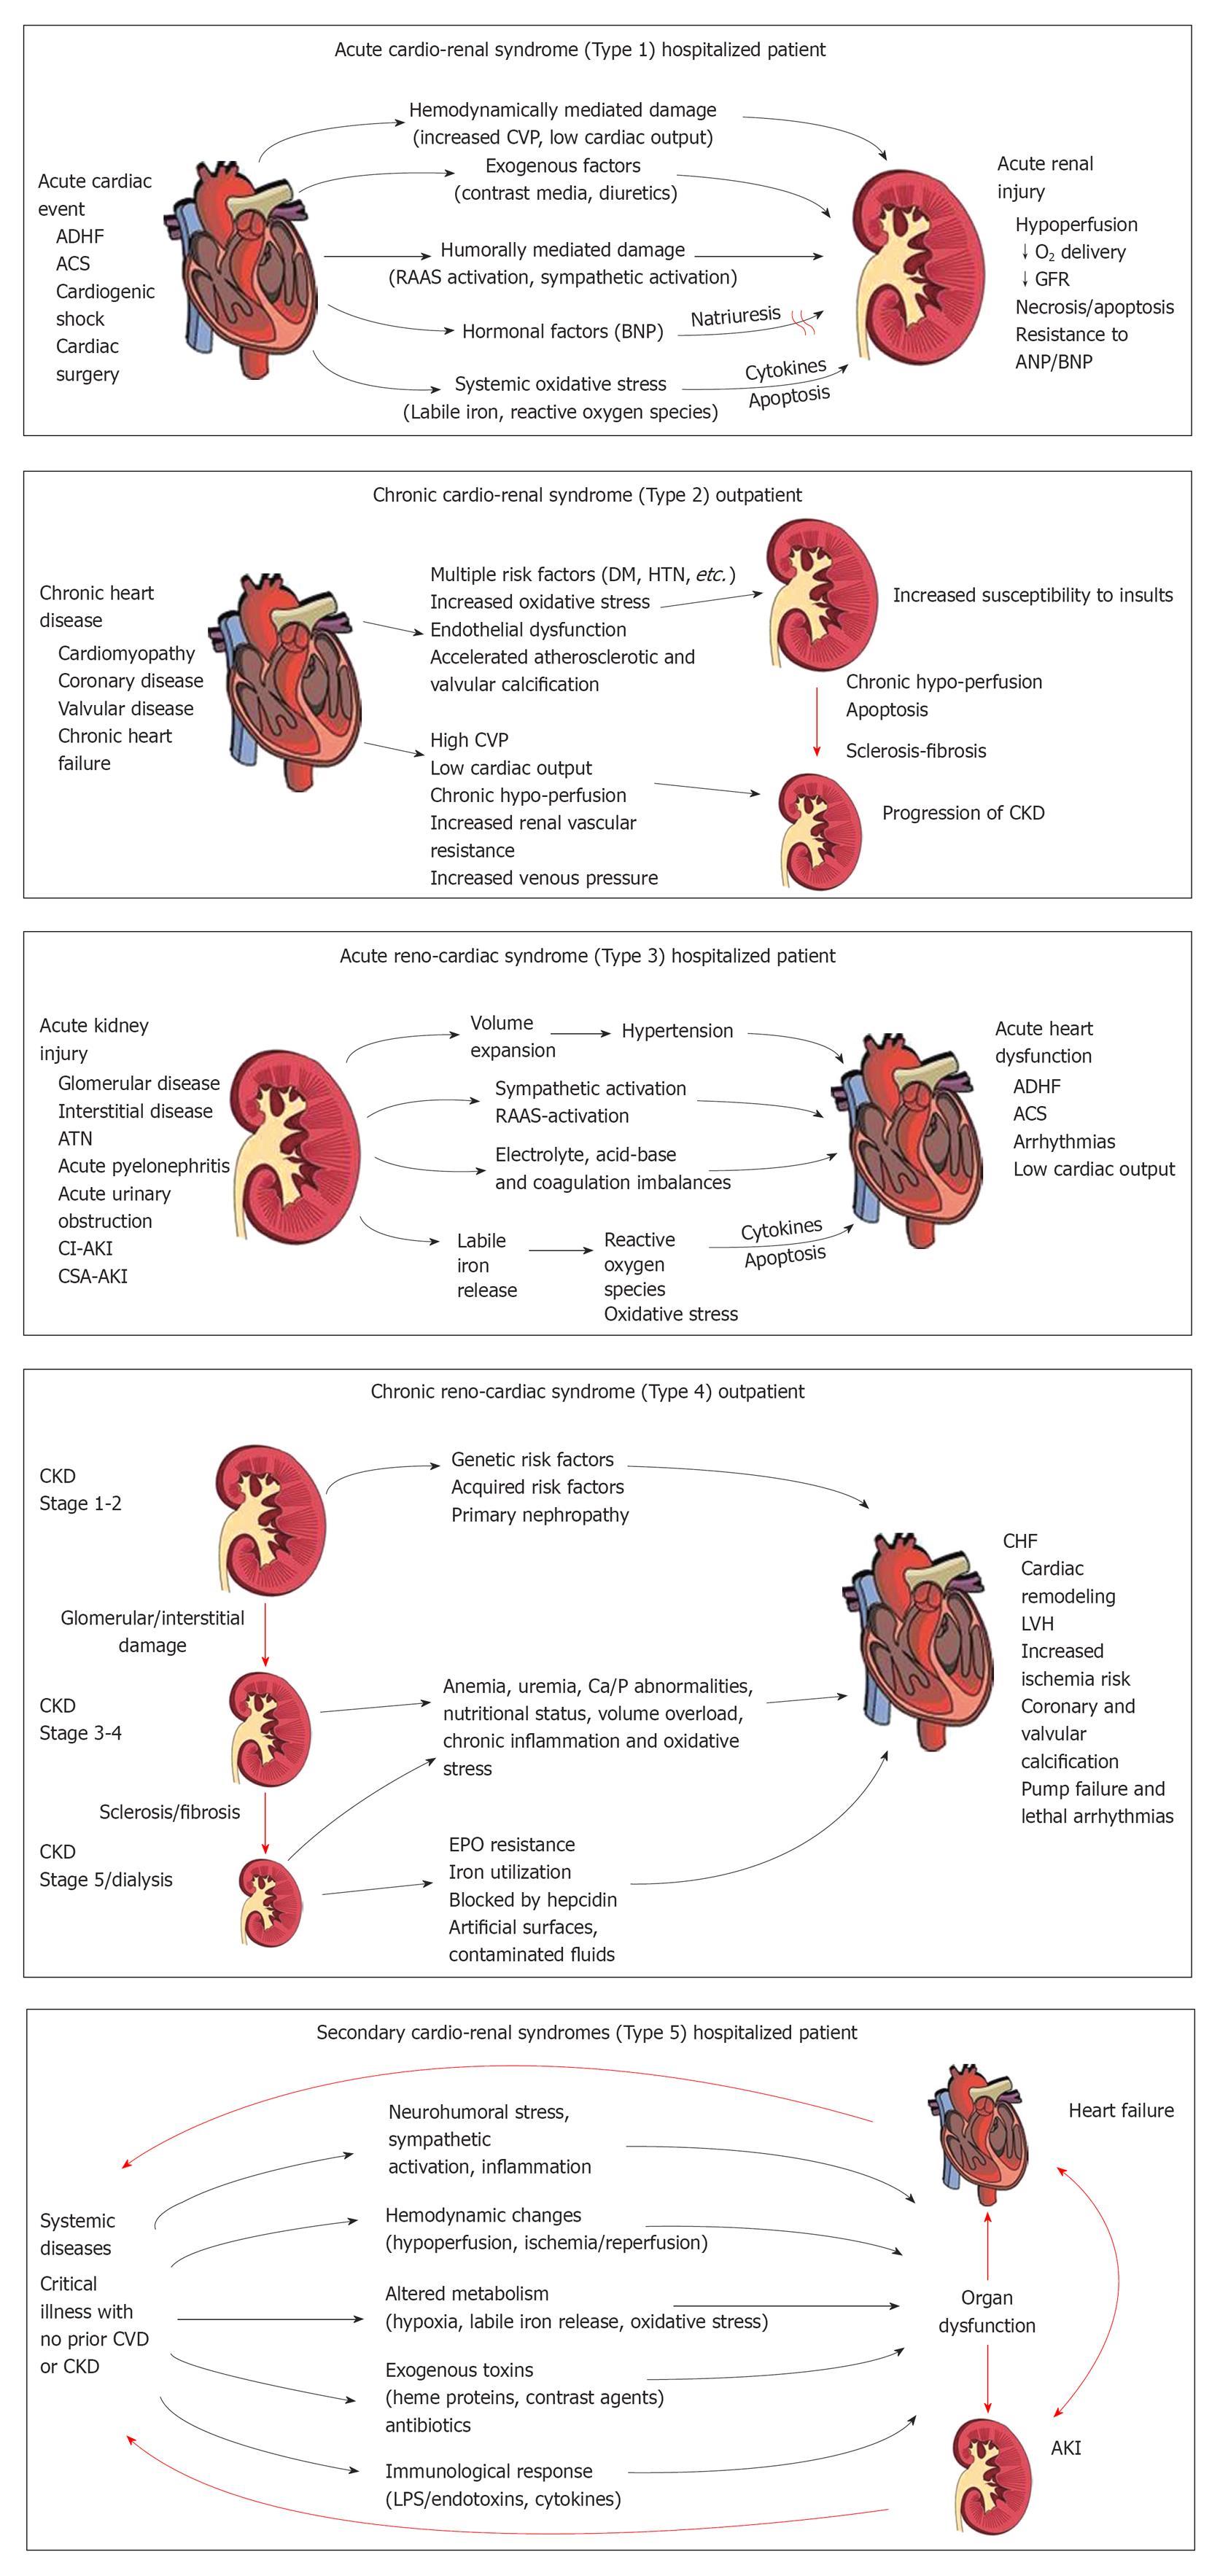 Cardiorenal syndromes